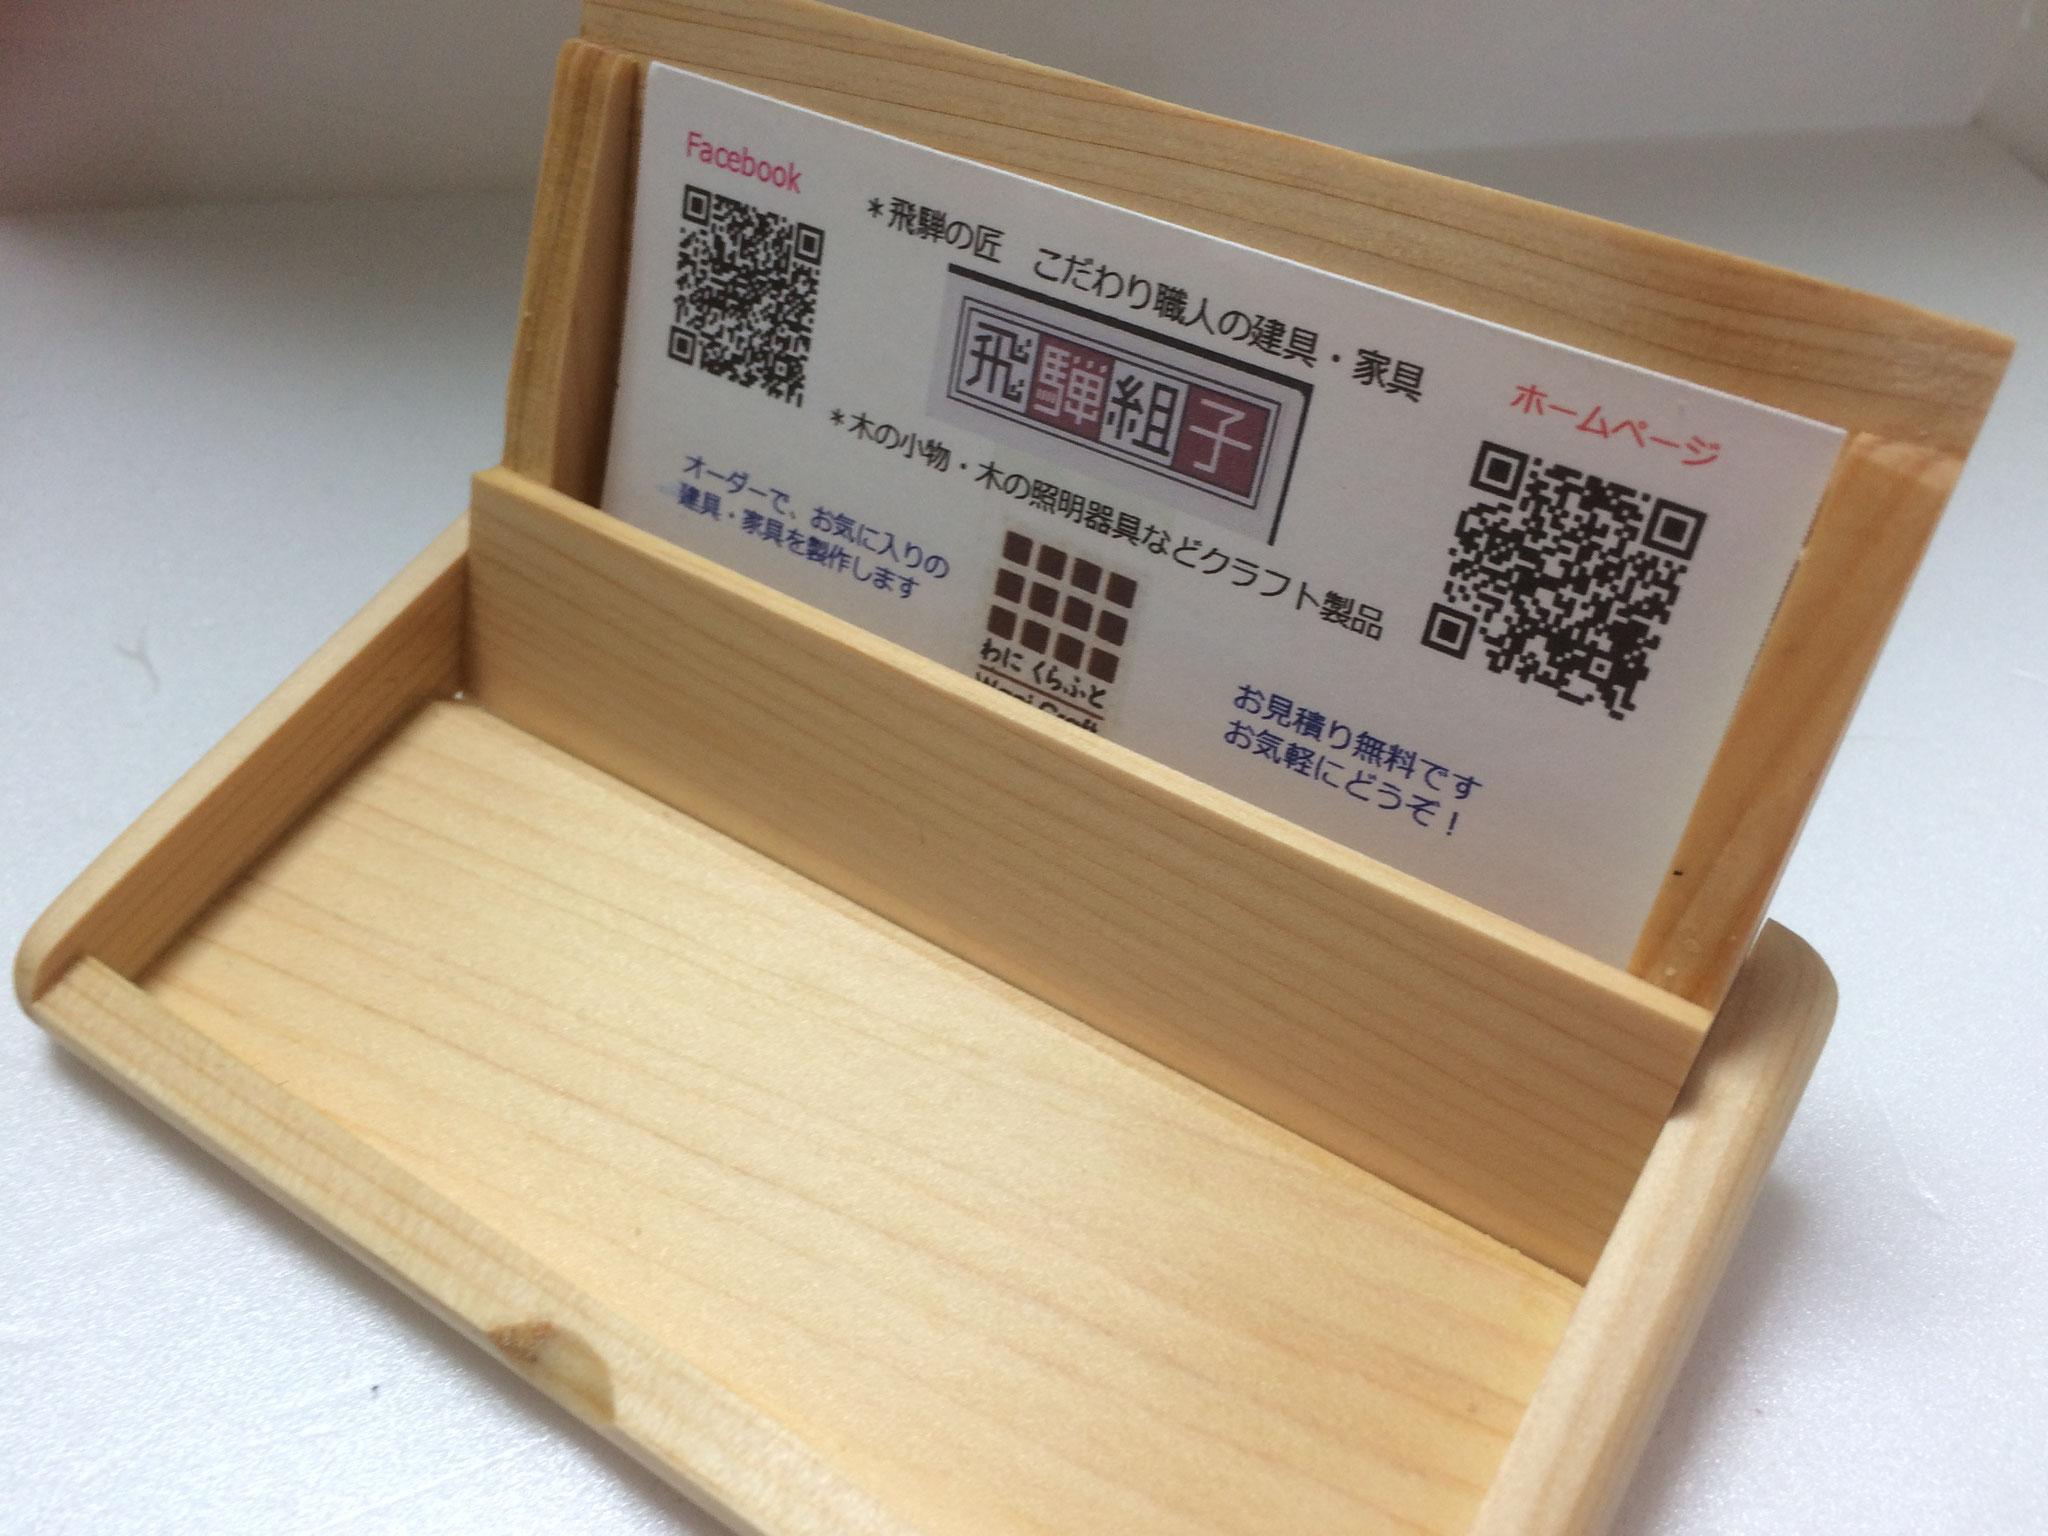 飛騨高山の匠が作った組子手造りキット 名刺20枚入ります